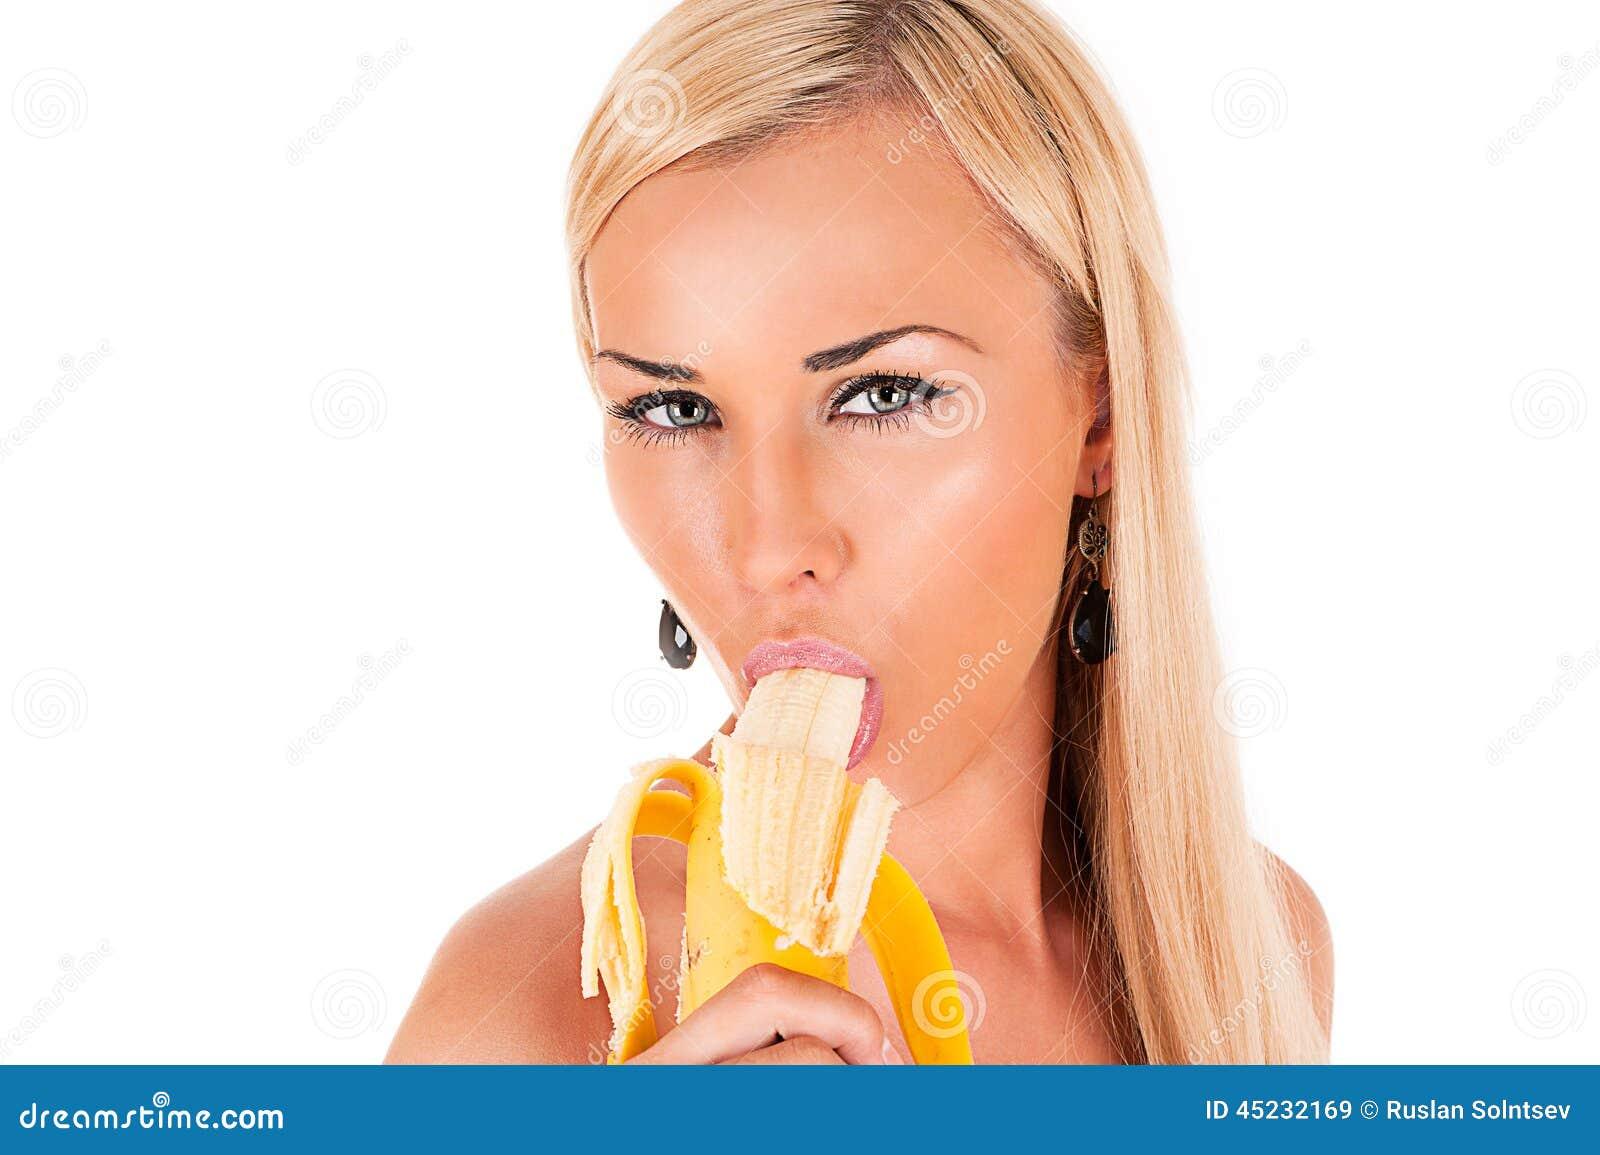 Девка сосет банан фото 228-473